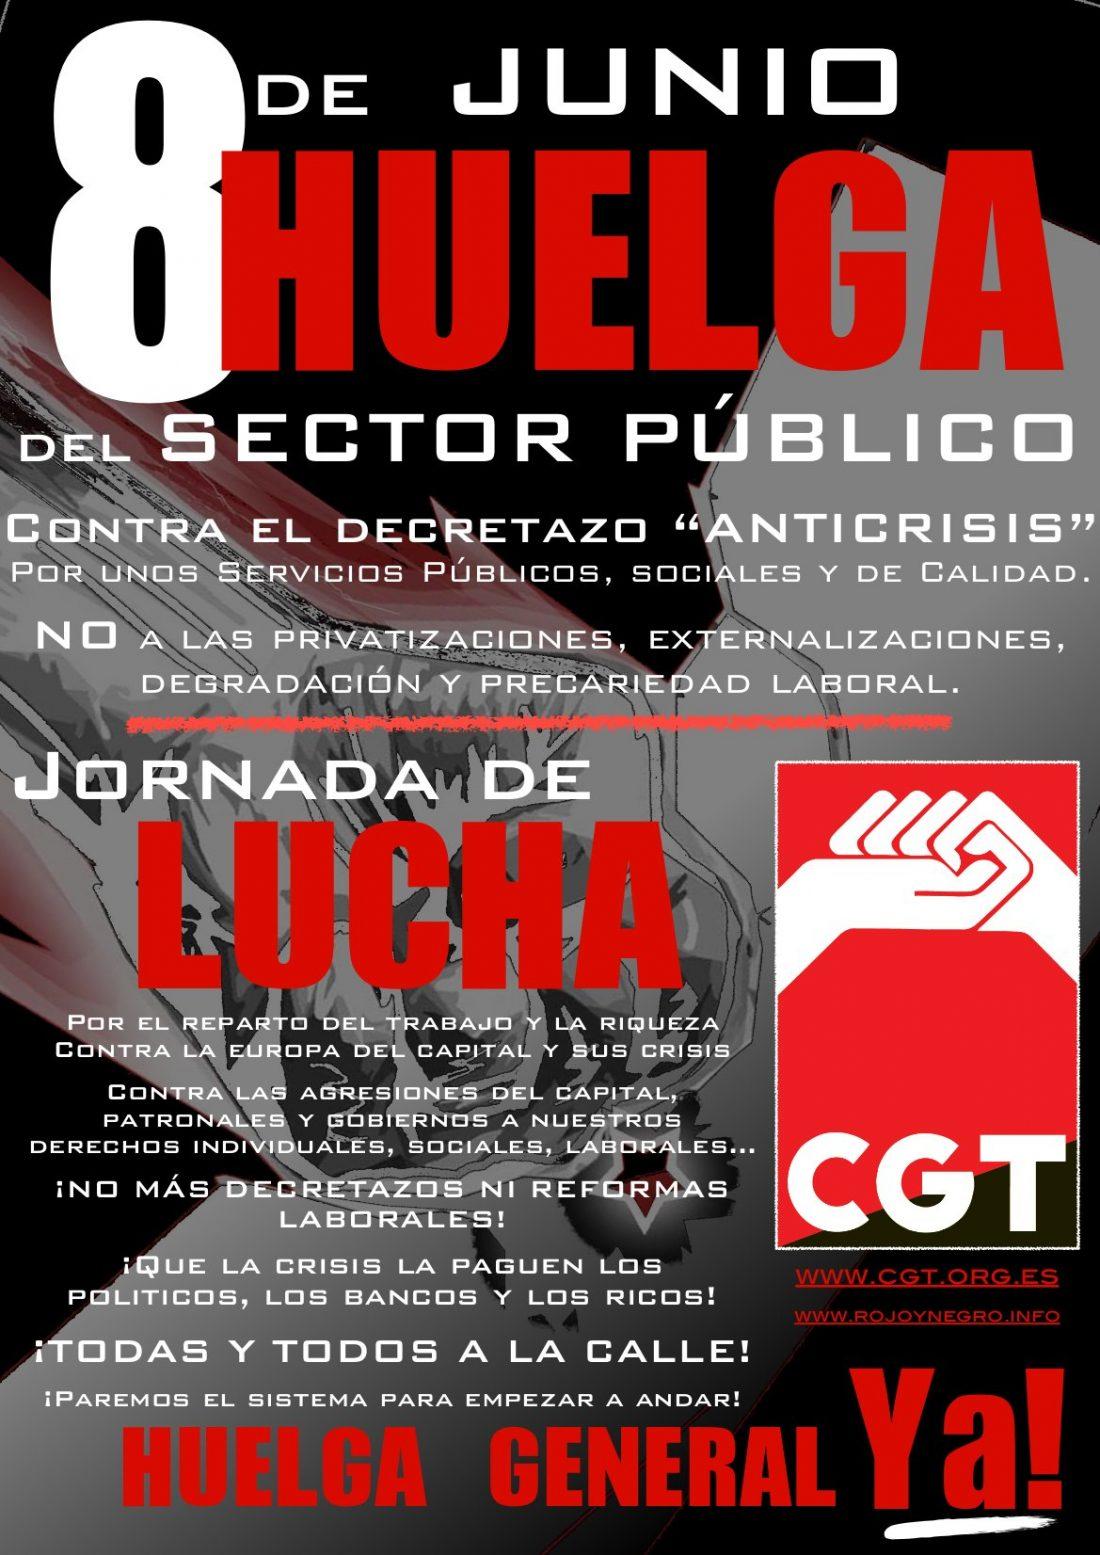 Convocatorias de actos, acciones y movilizaciones de CGT para la Huelga en el Sector Público y la Jornada de Lucha del 8 de Junio